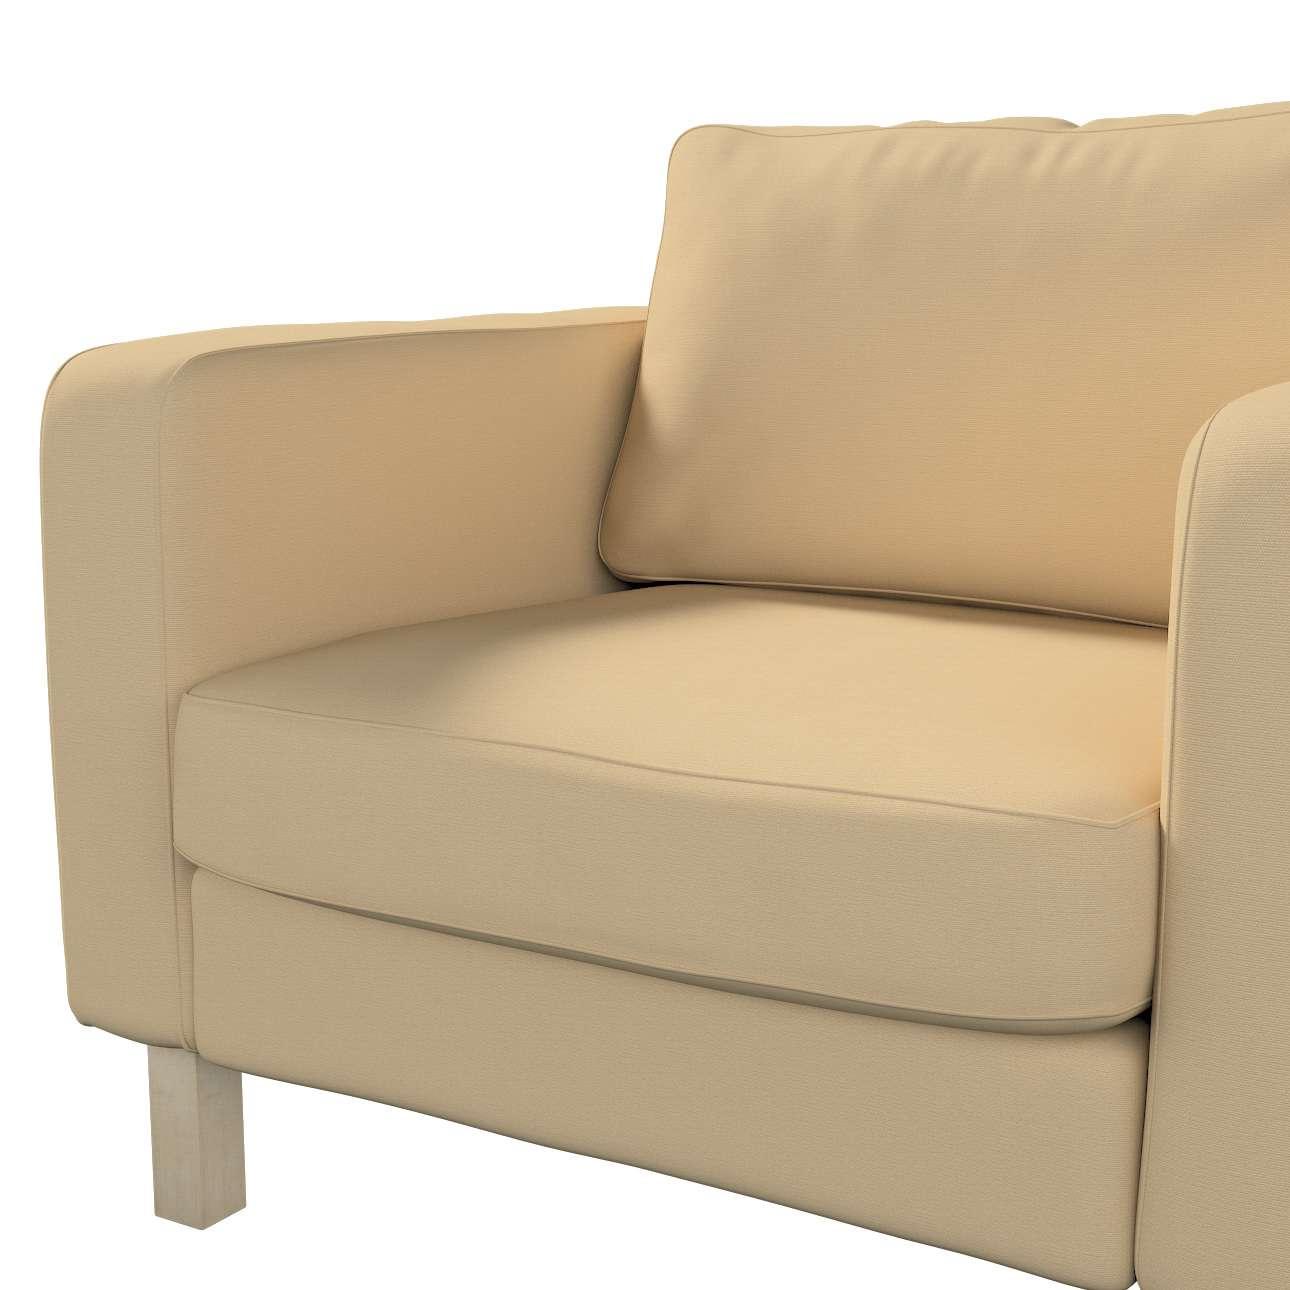 Pokrowiec na fotel Karlstad, krótki w kolekcji Cotton Panama, tkanina: 702-01